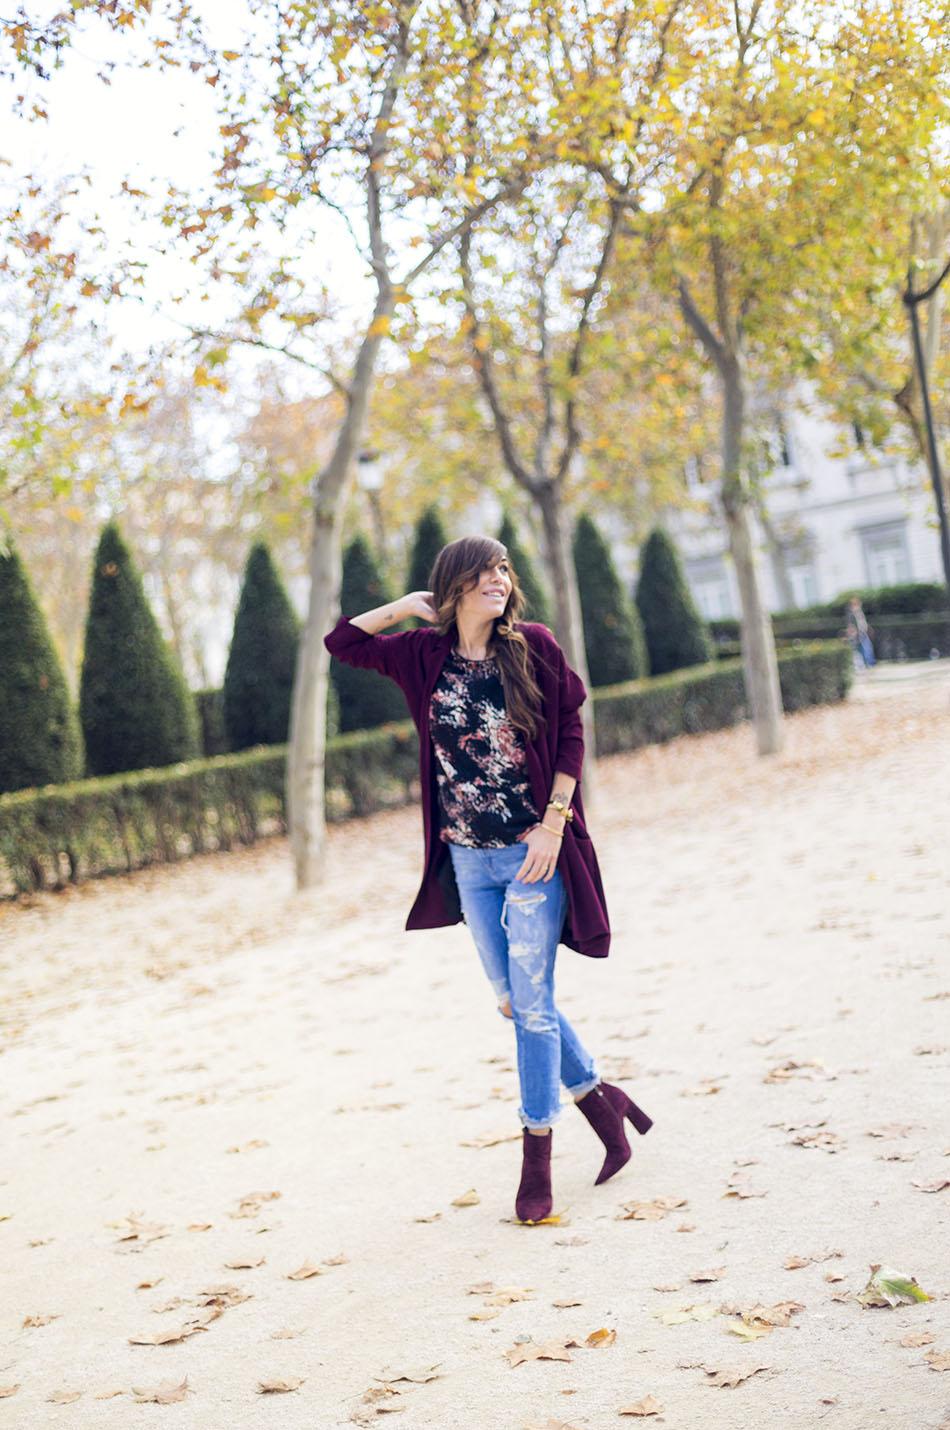 look de street style con chaqueta de color granate de Hakei, top estampado a manchas, ripped jeans de Zara y botines de ante en color berenjena de Pura López